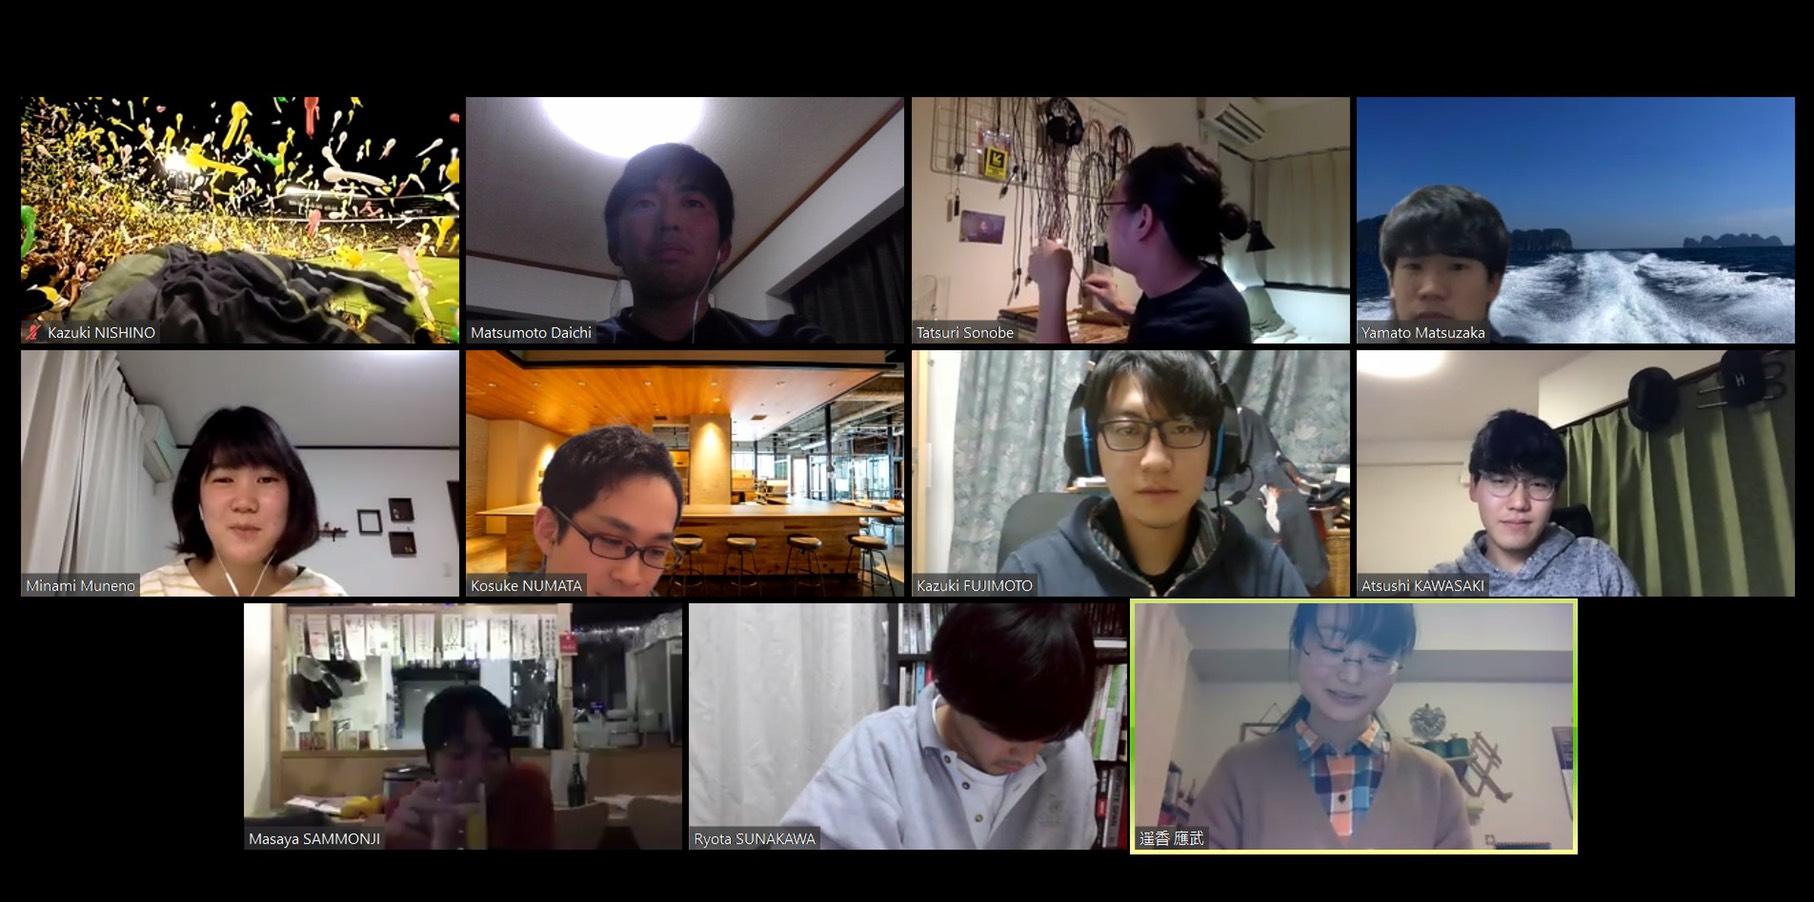 http://ud.t.u-tokyo.ac.jp/blog/_images/S__17489949.jpg